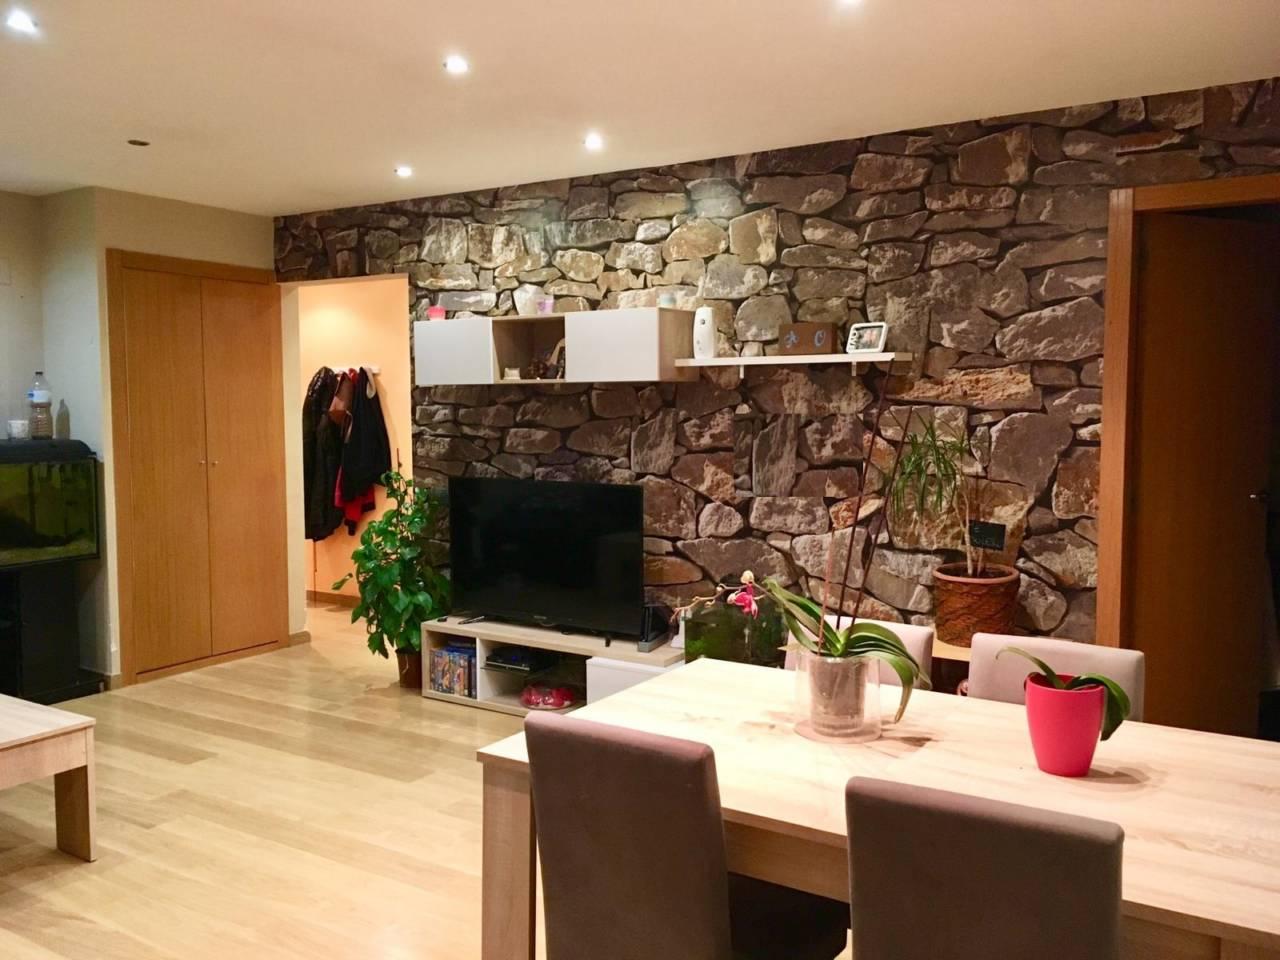 Lloguer Pis  Zona ajuntament. Superf. 90 m², reformado,  3 habitaciones dobles (20m2-14m2-12m2